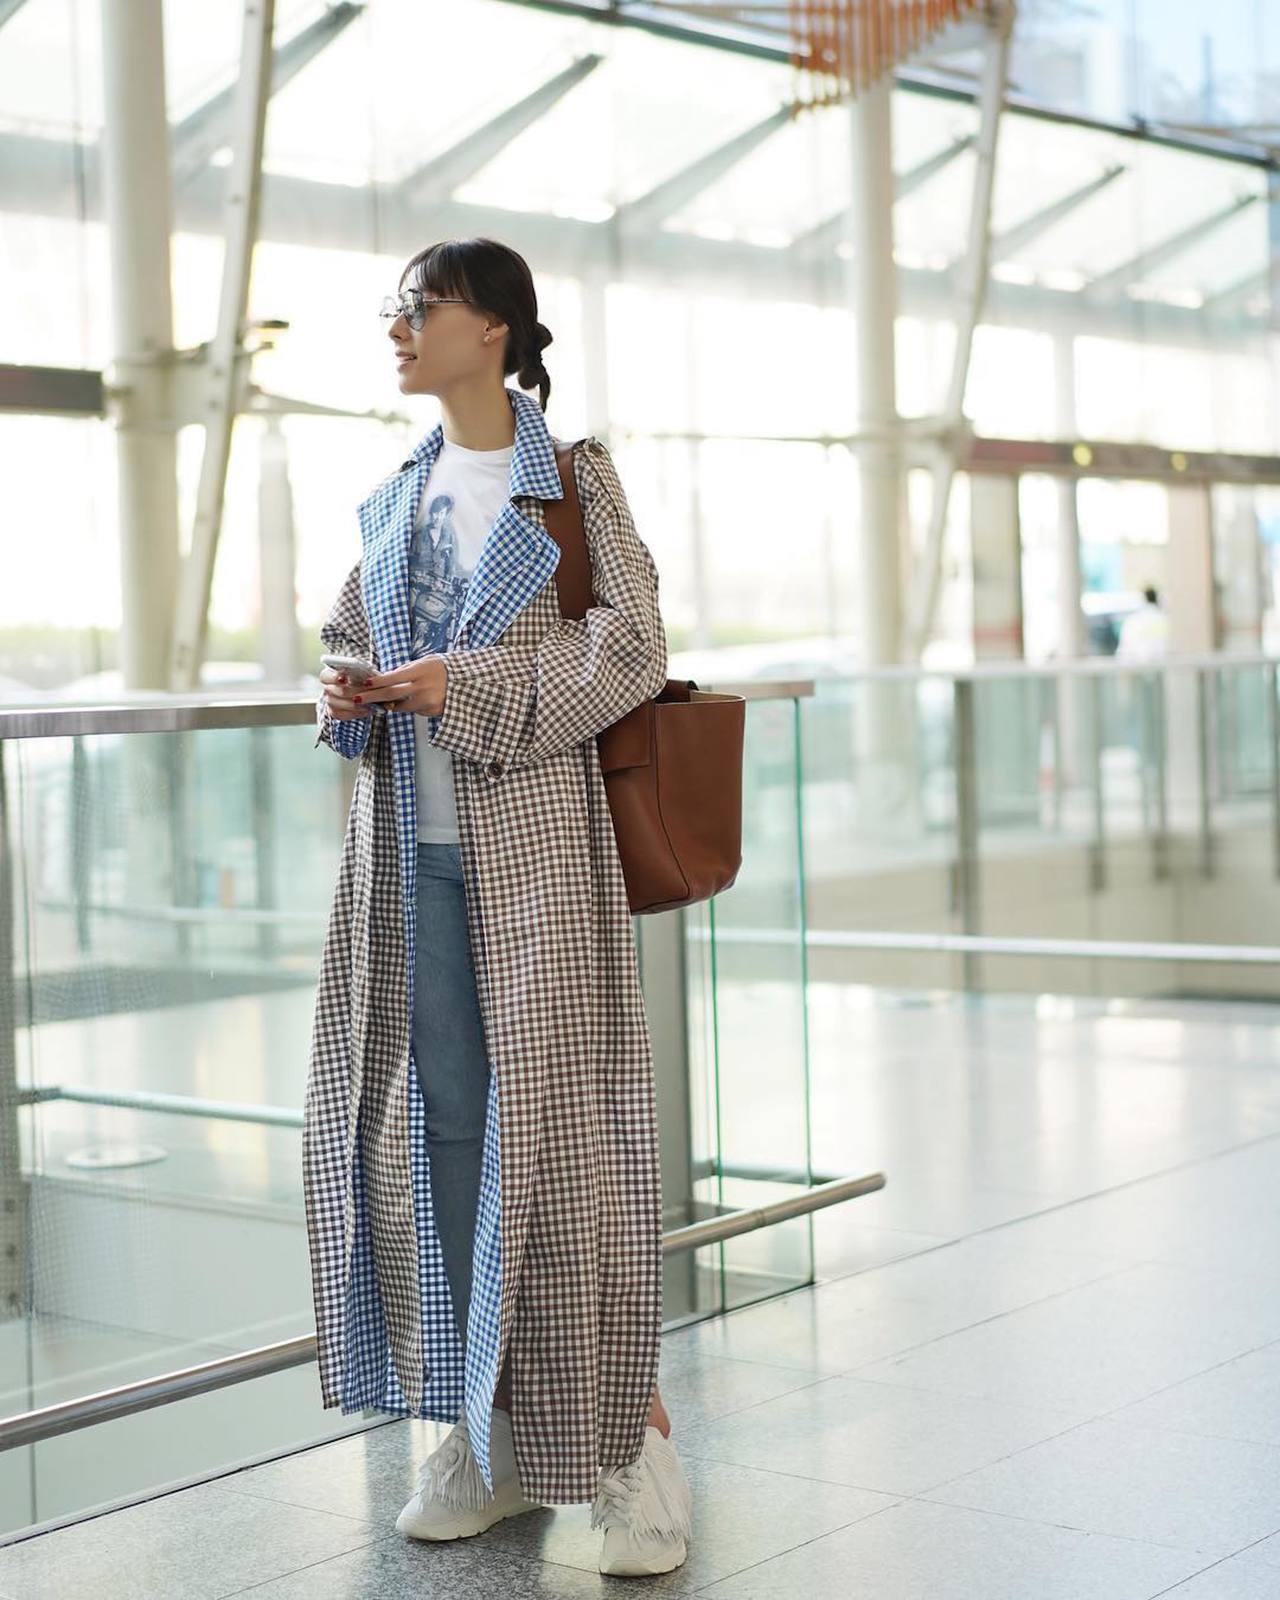 女星梁若施選穿Ports 1961的大衣與Lace42鞋款。圖/取自IG